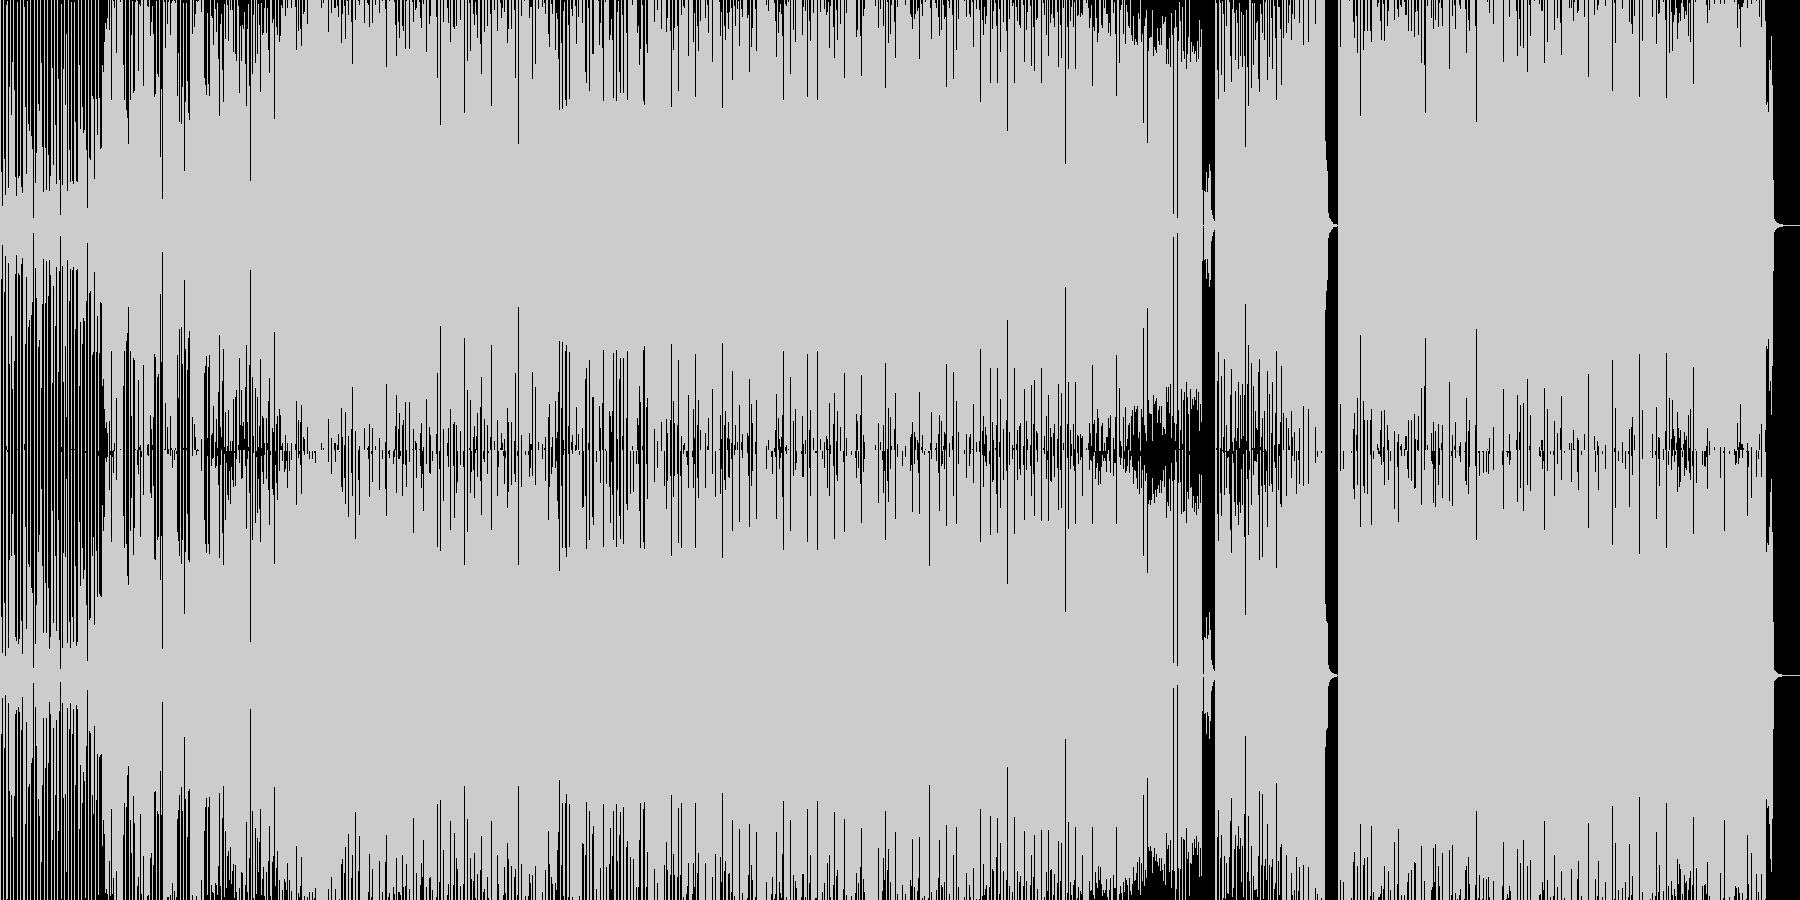 ノリノリのダンスミュージックの未再生の波形